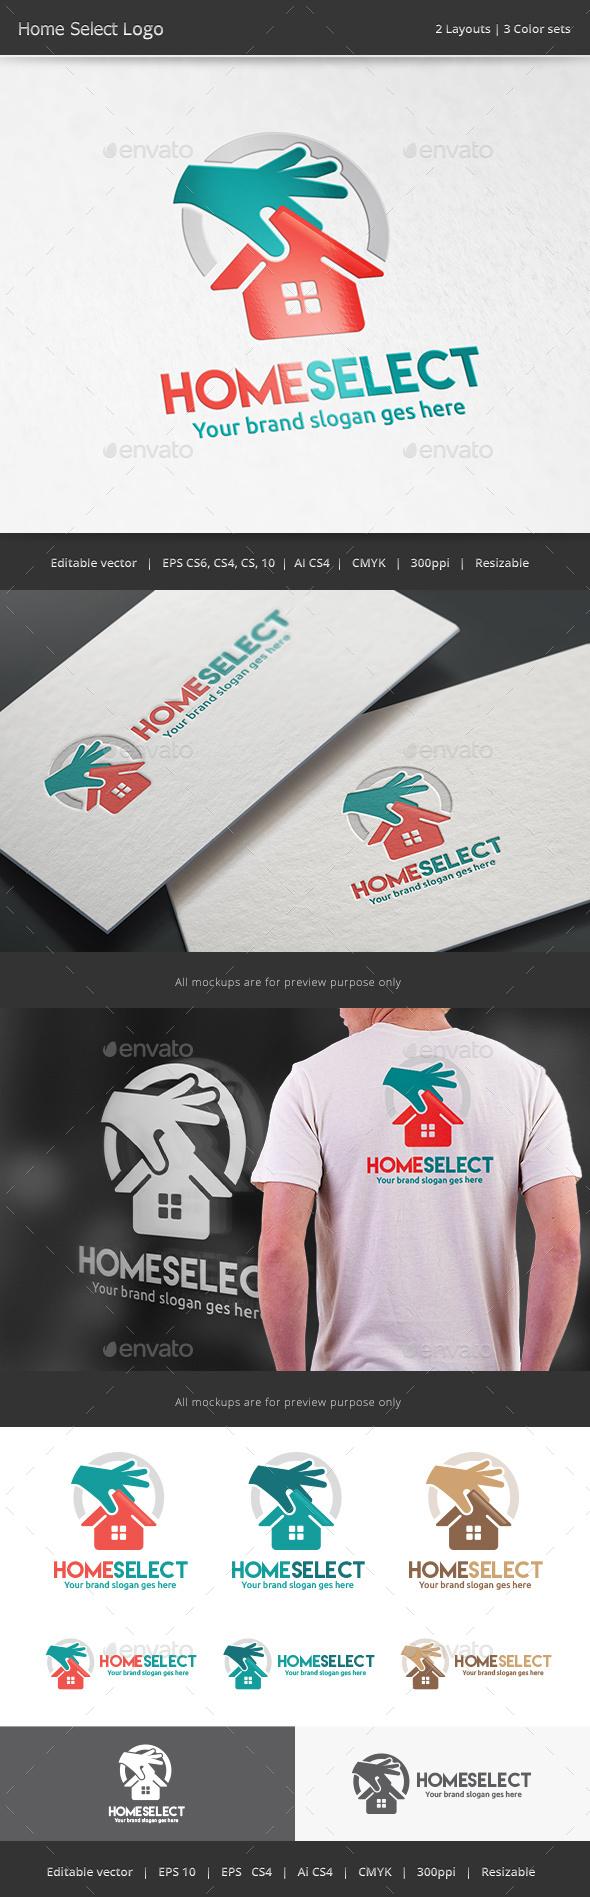 Home Select Logo - Vector Abstract